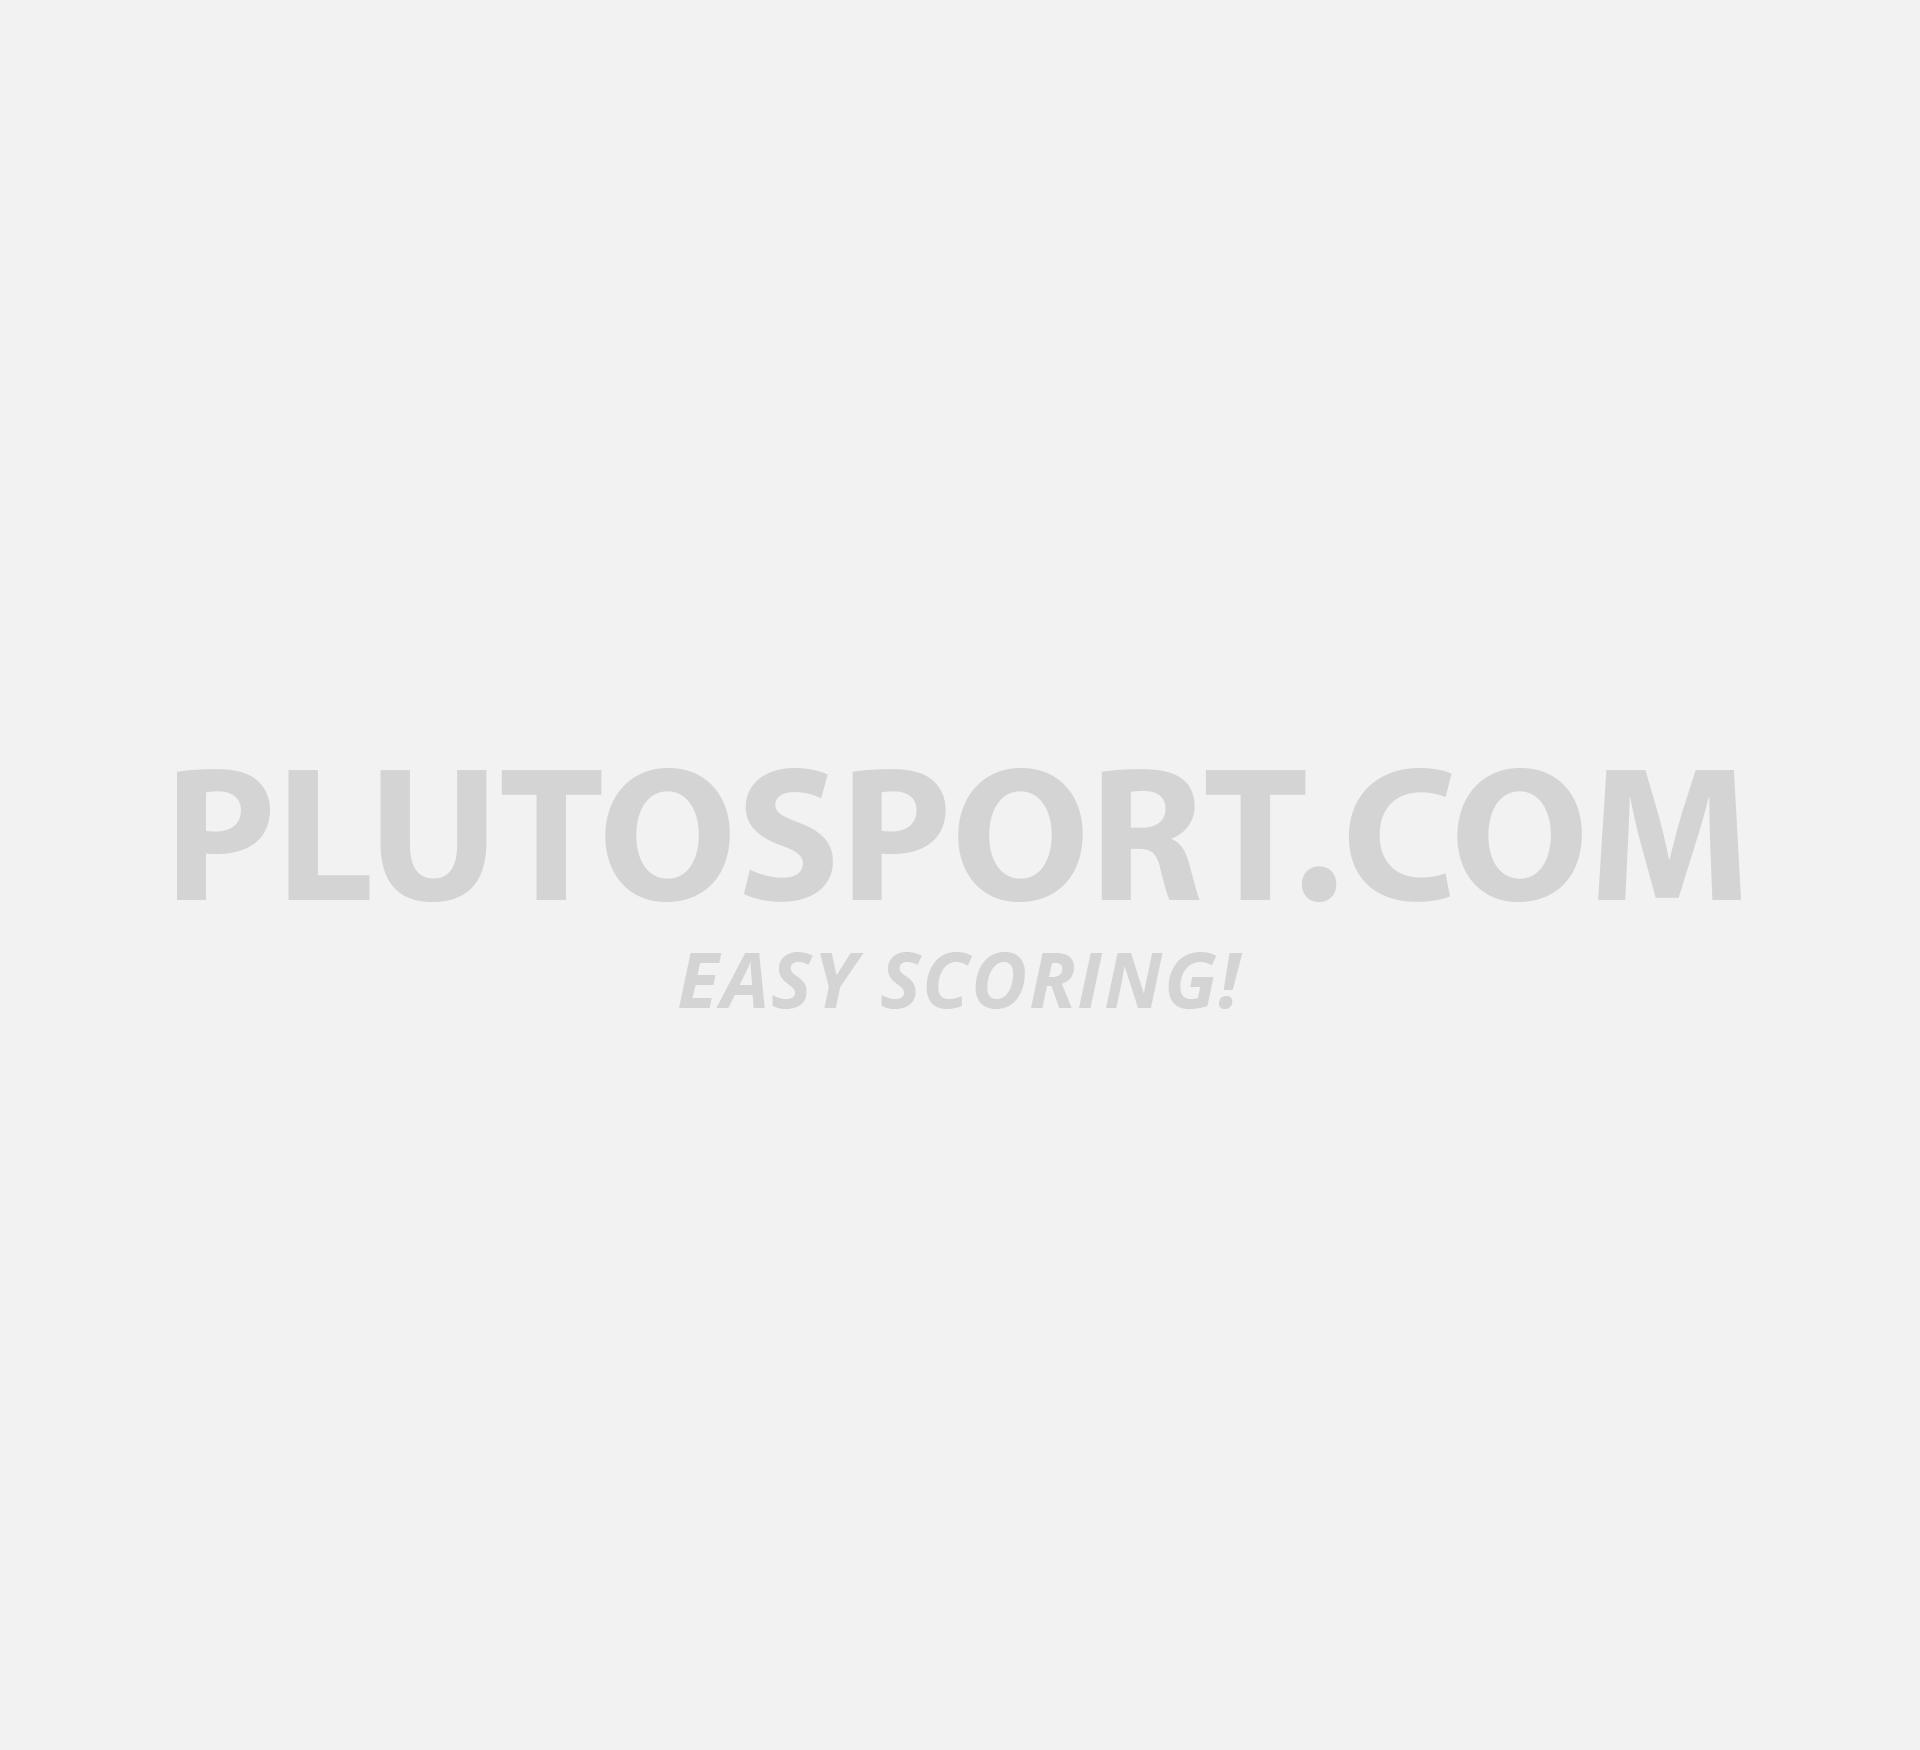 e5d1aa956a7 Nike Air Huarache Run Ultra (GS) - Sneakers - Shoes - Lifestyle - Sports